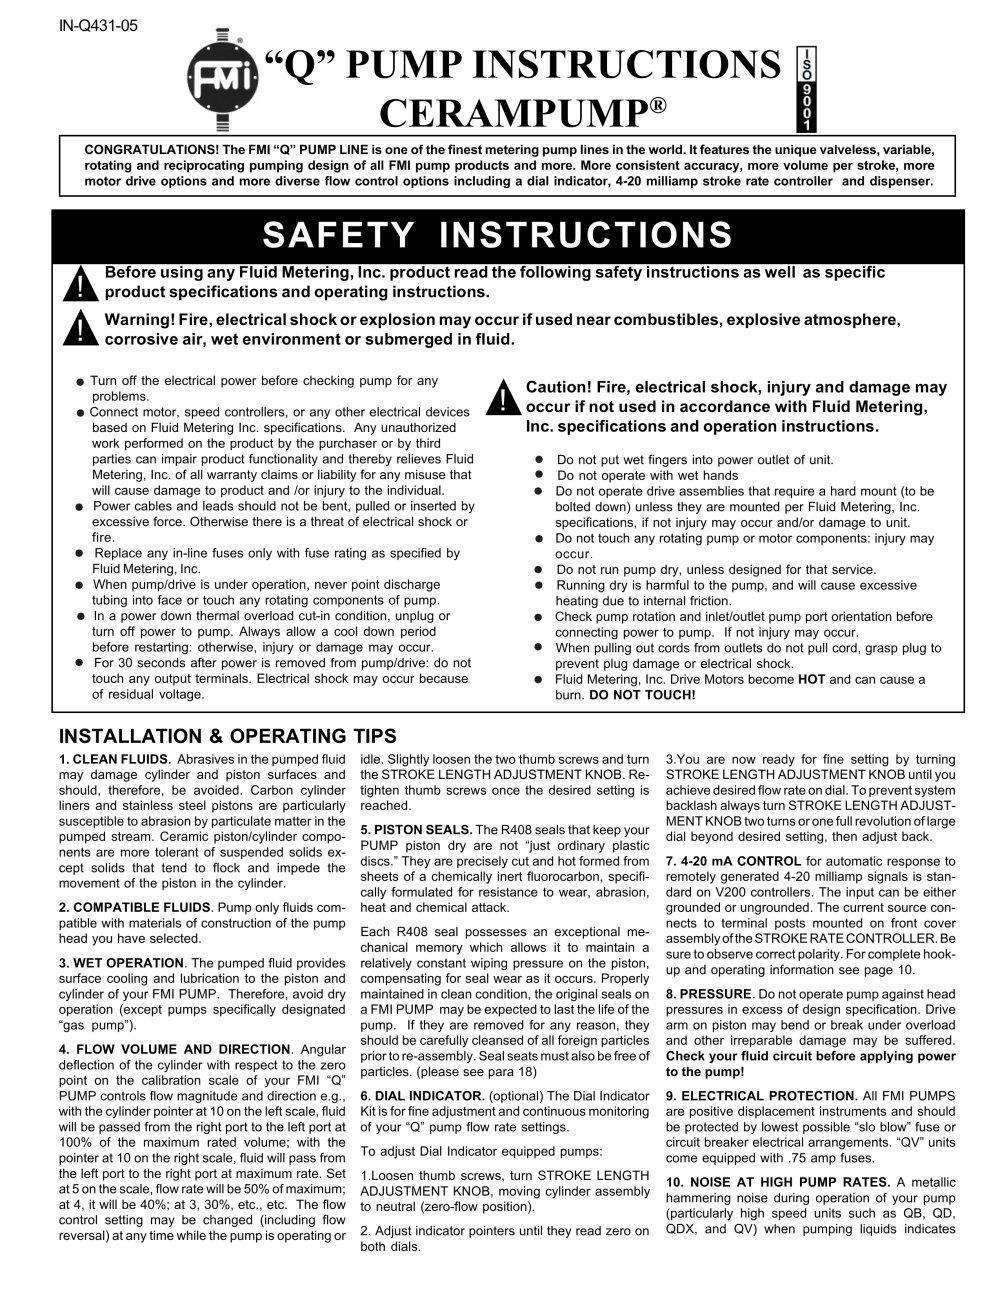 Q Pump Instruction Manual Fluid Metering Pdf Catalogue